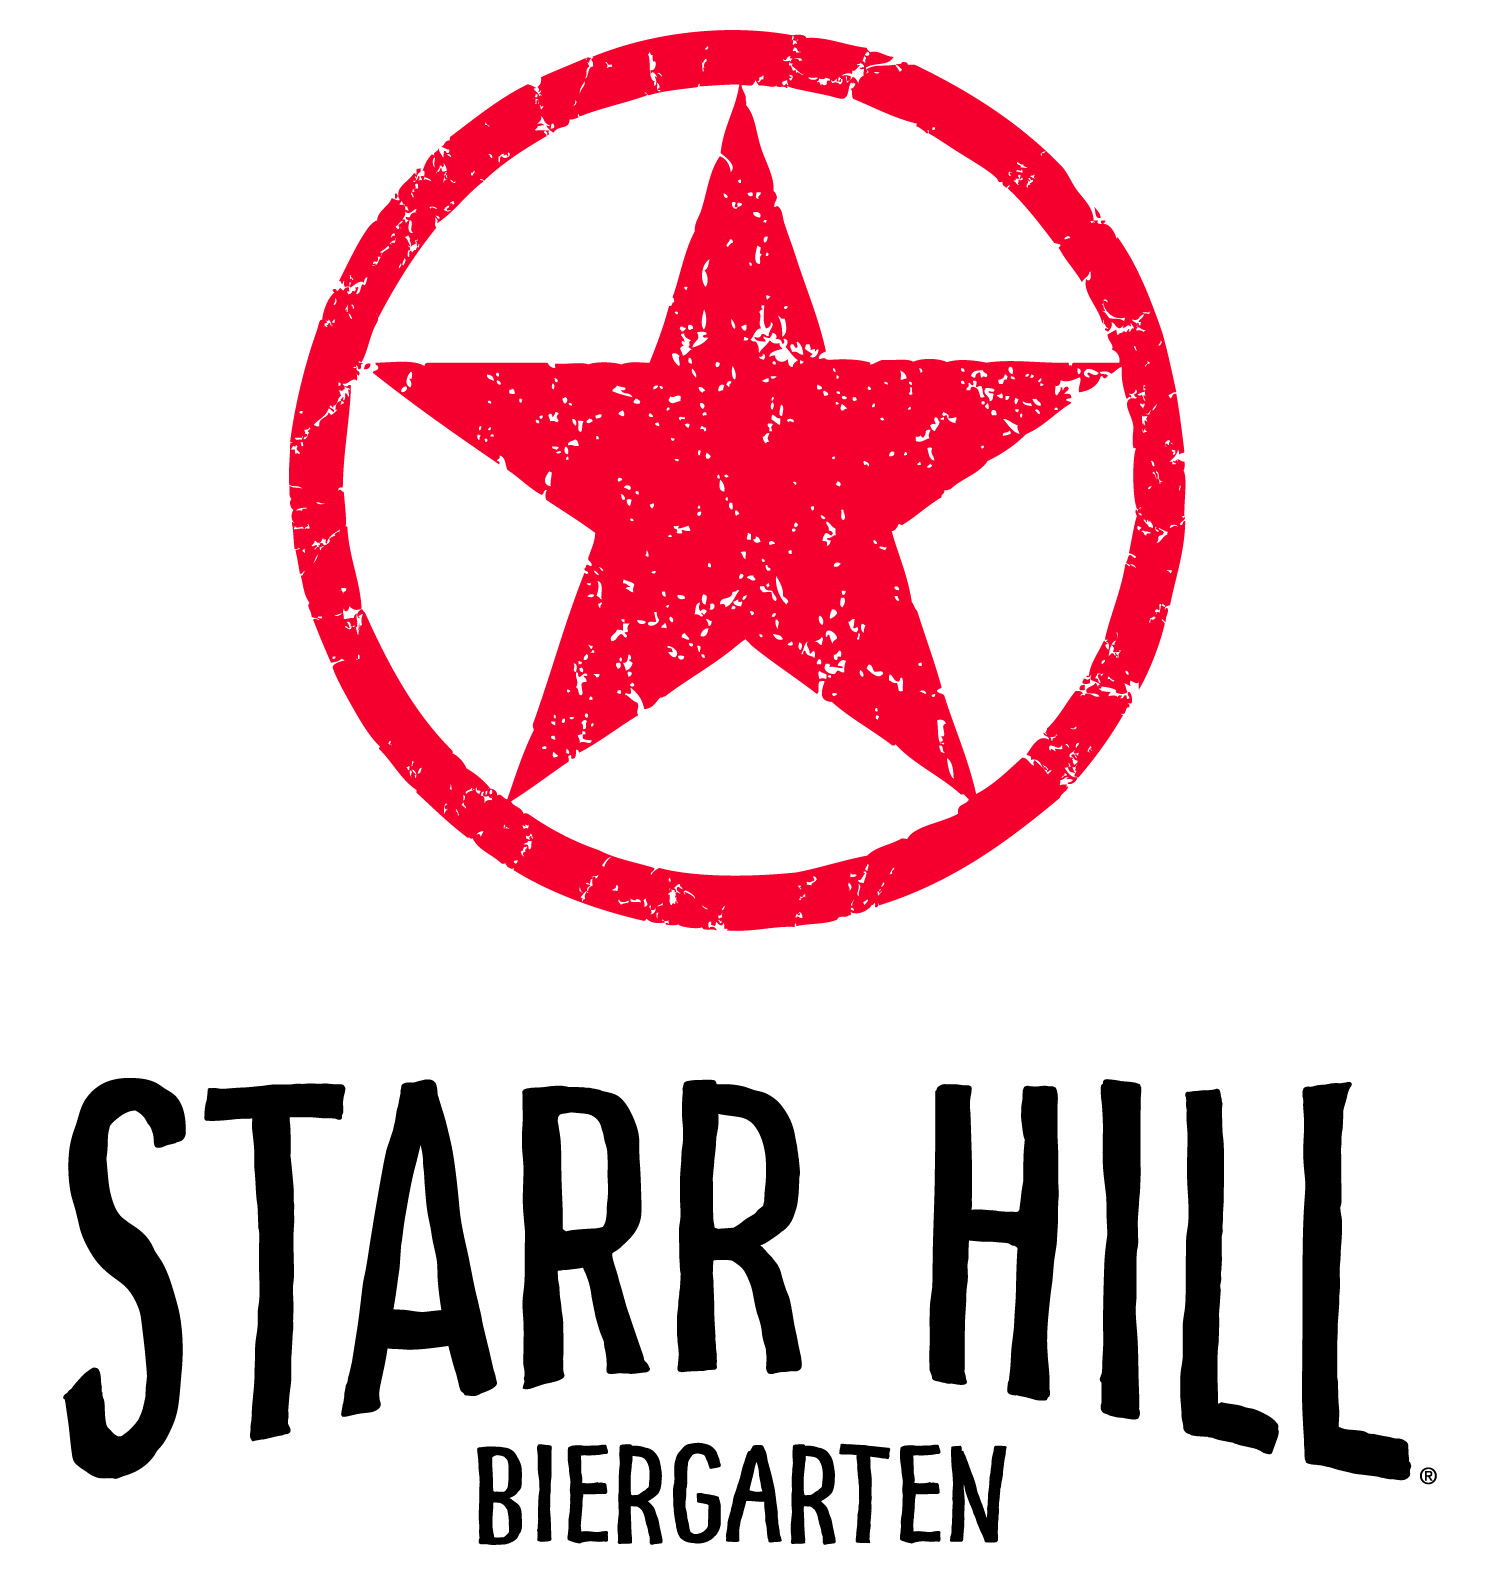 Starr Hill Biergarten